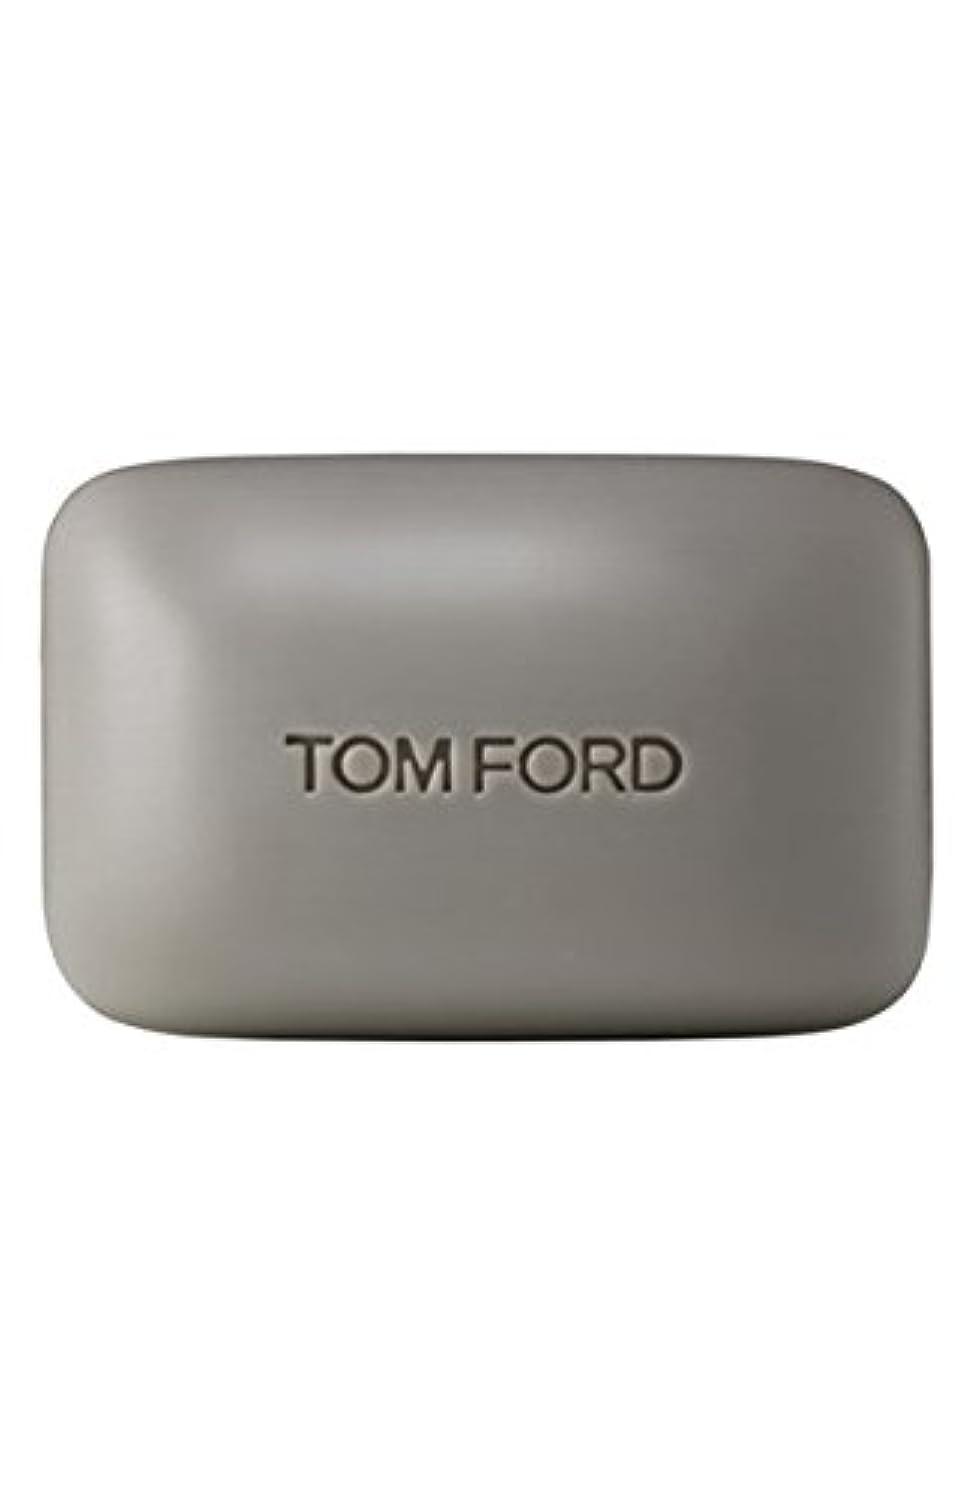 プレーヤー匹敵しますシダTom Ford Private Blend 'Oud Wood' (トムフォード プライベートブレンド オードウッド) 5.5 oz (165ml) Bar Soap (固形石鹸)